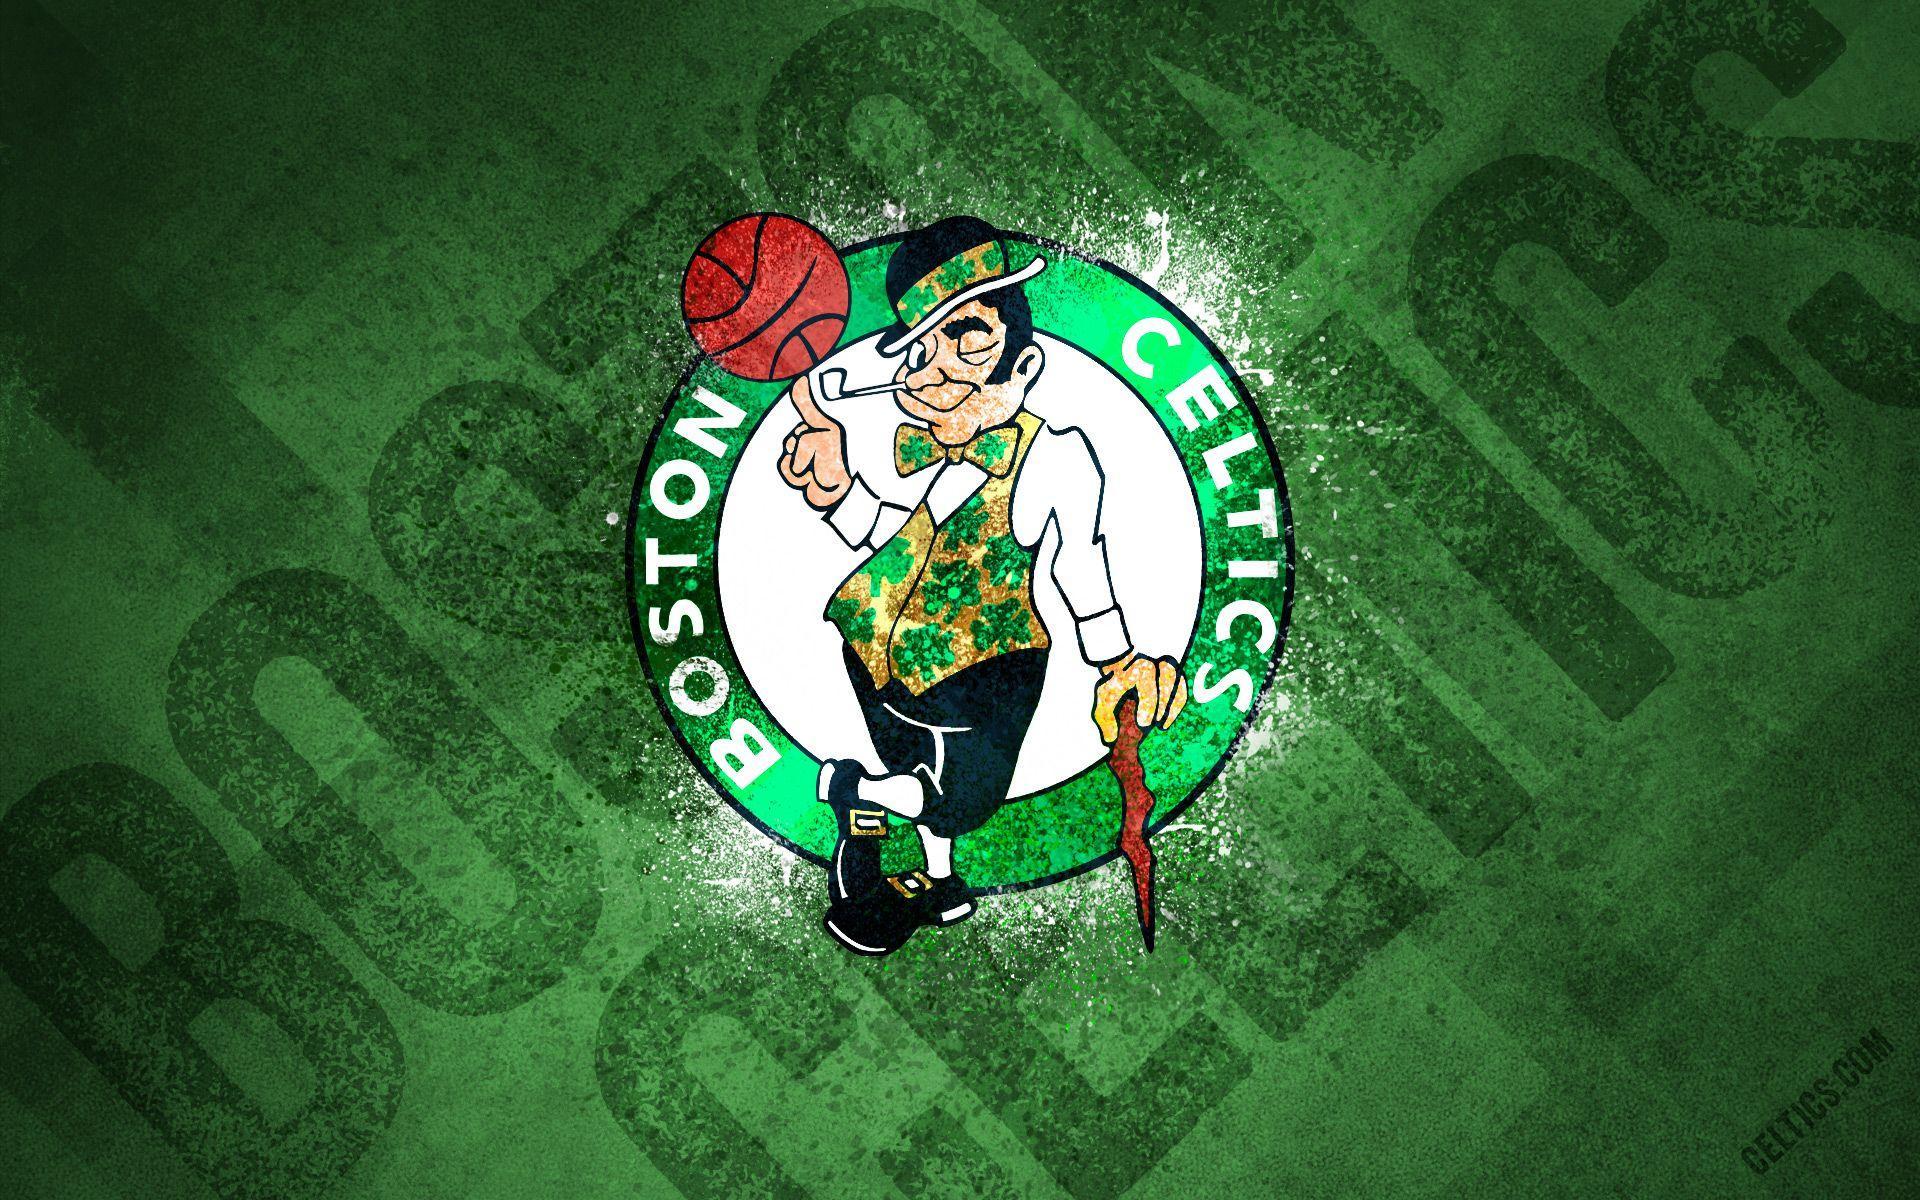 Celtics Wallpapers - Top Free Celtics